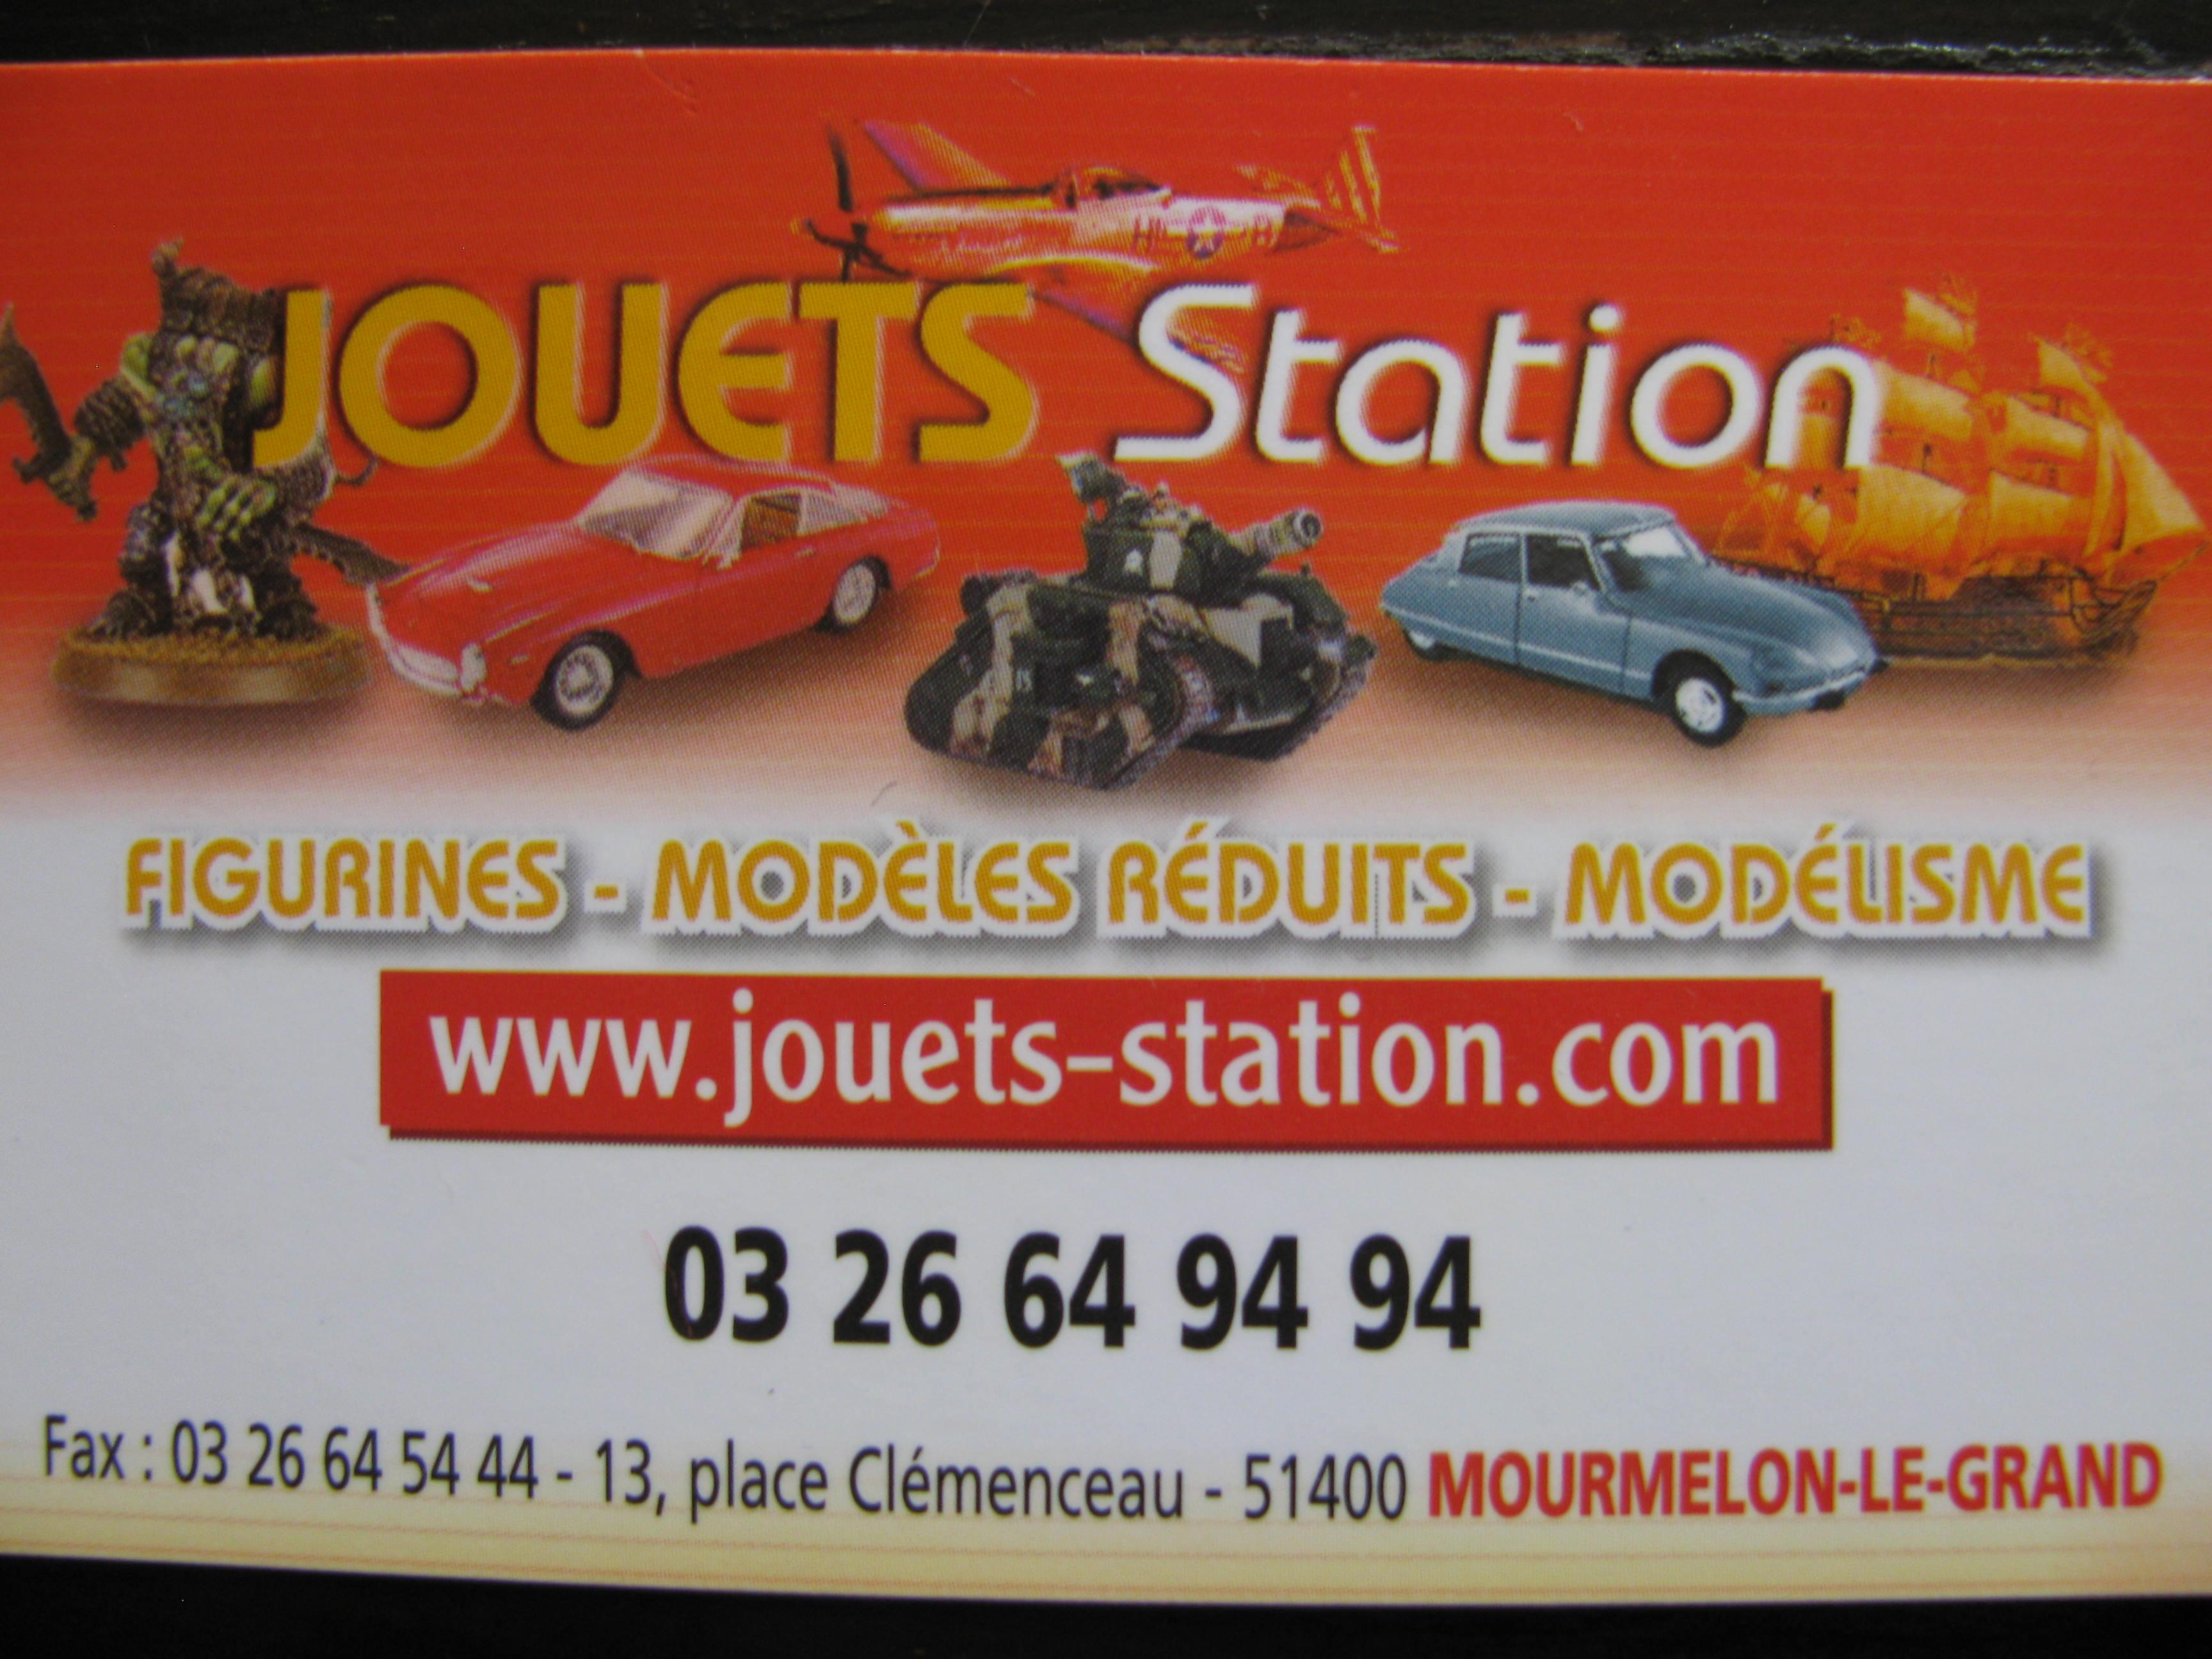 JOUETS et STATION